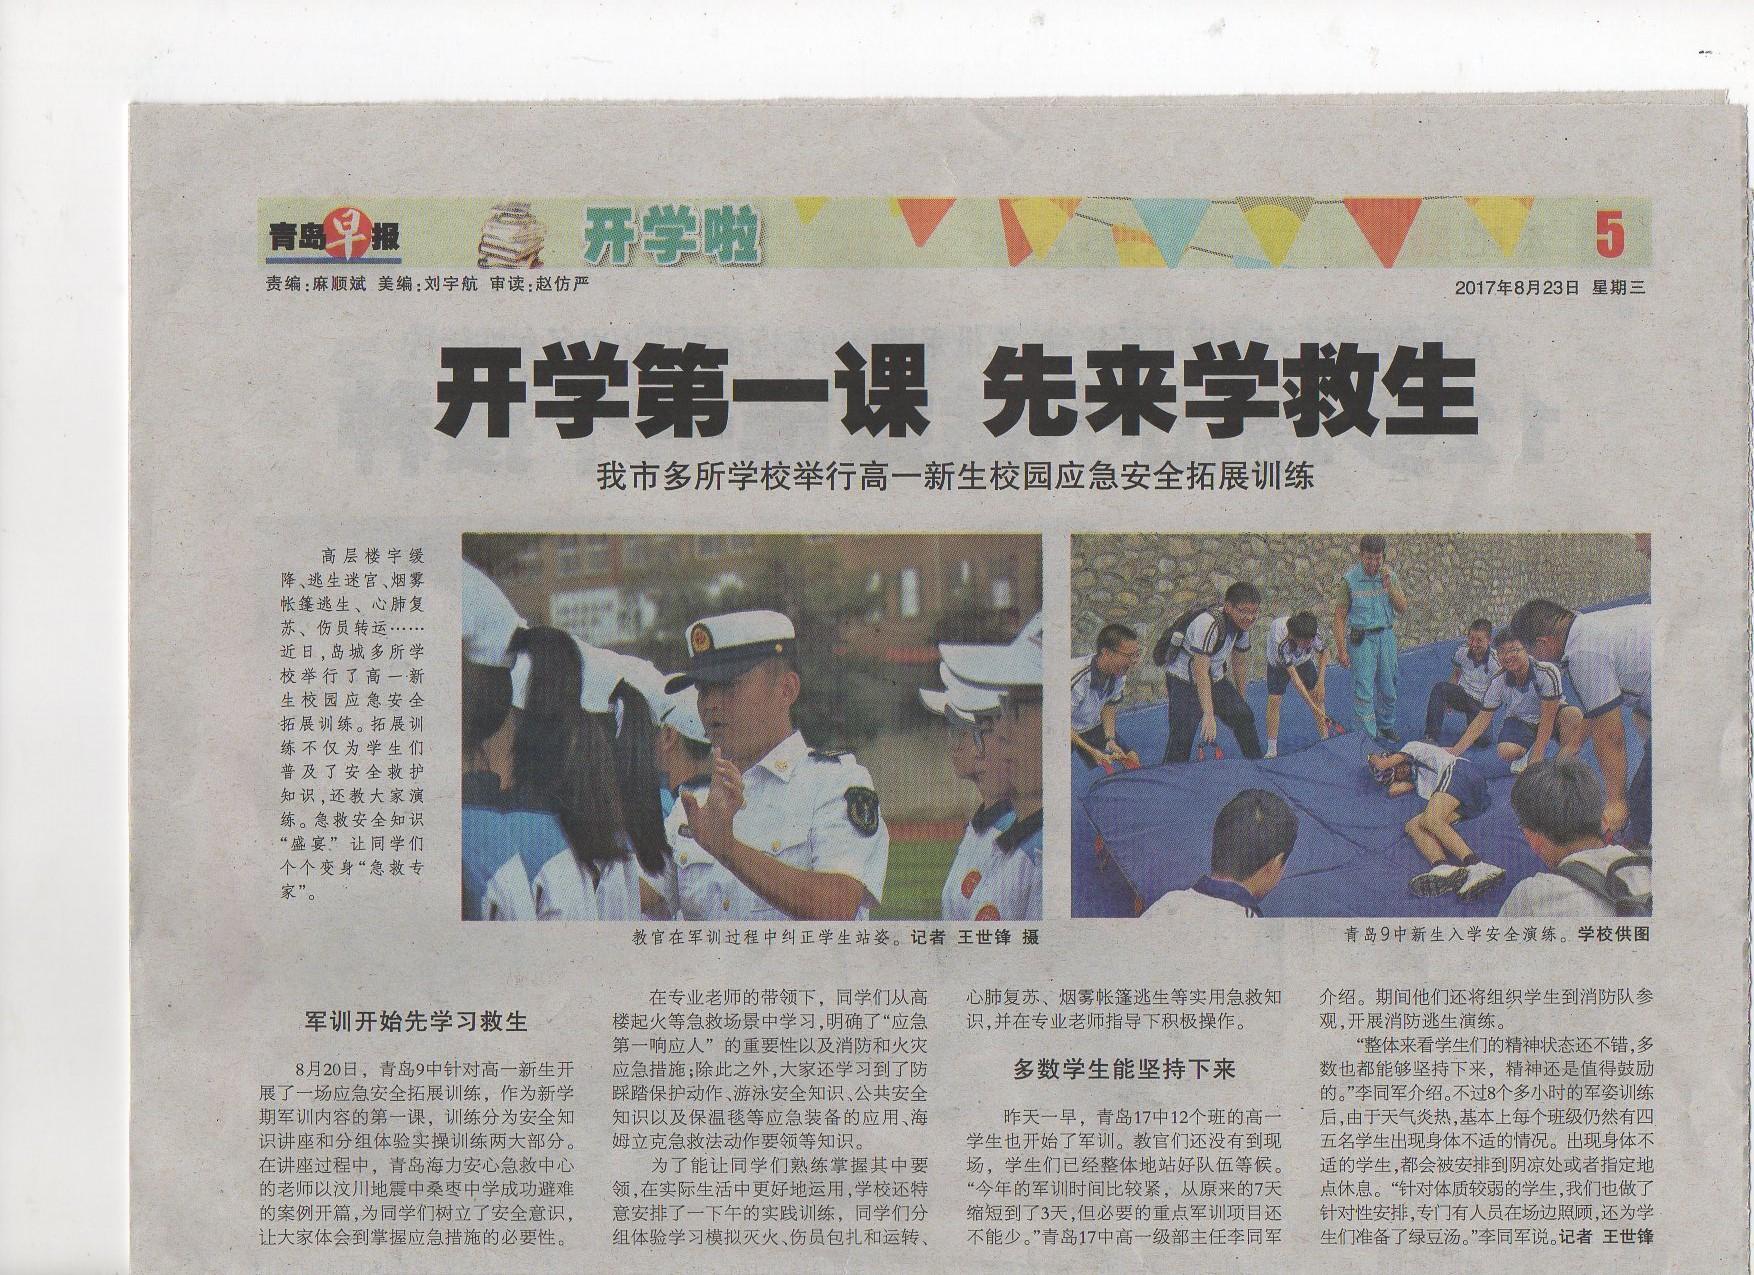 2017年8月23日,青岛早报对海丽应急安全中心为青岛第九中学的新生及